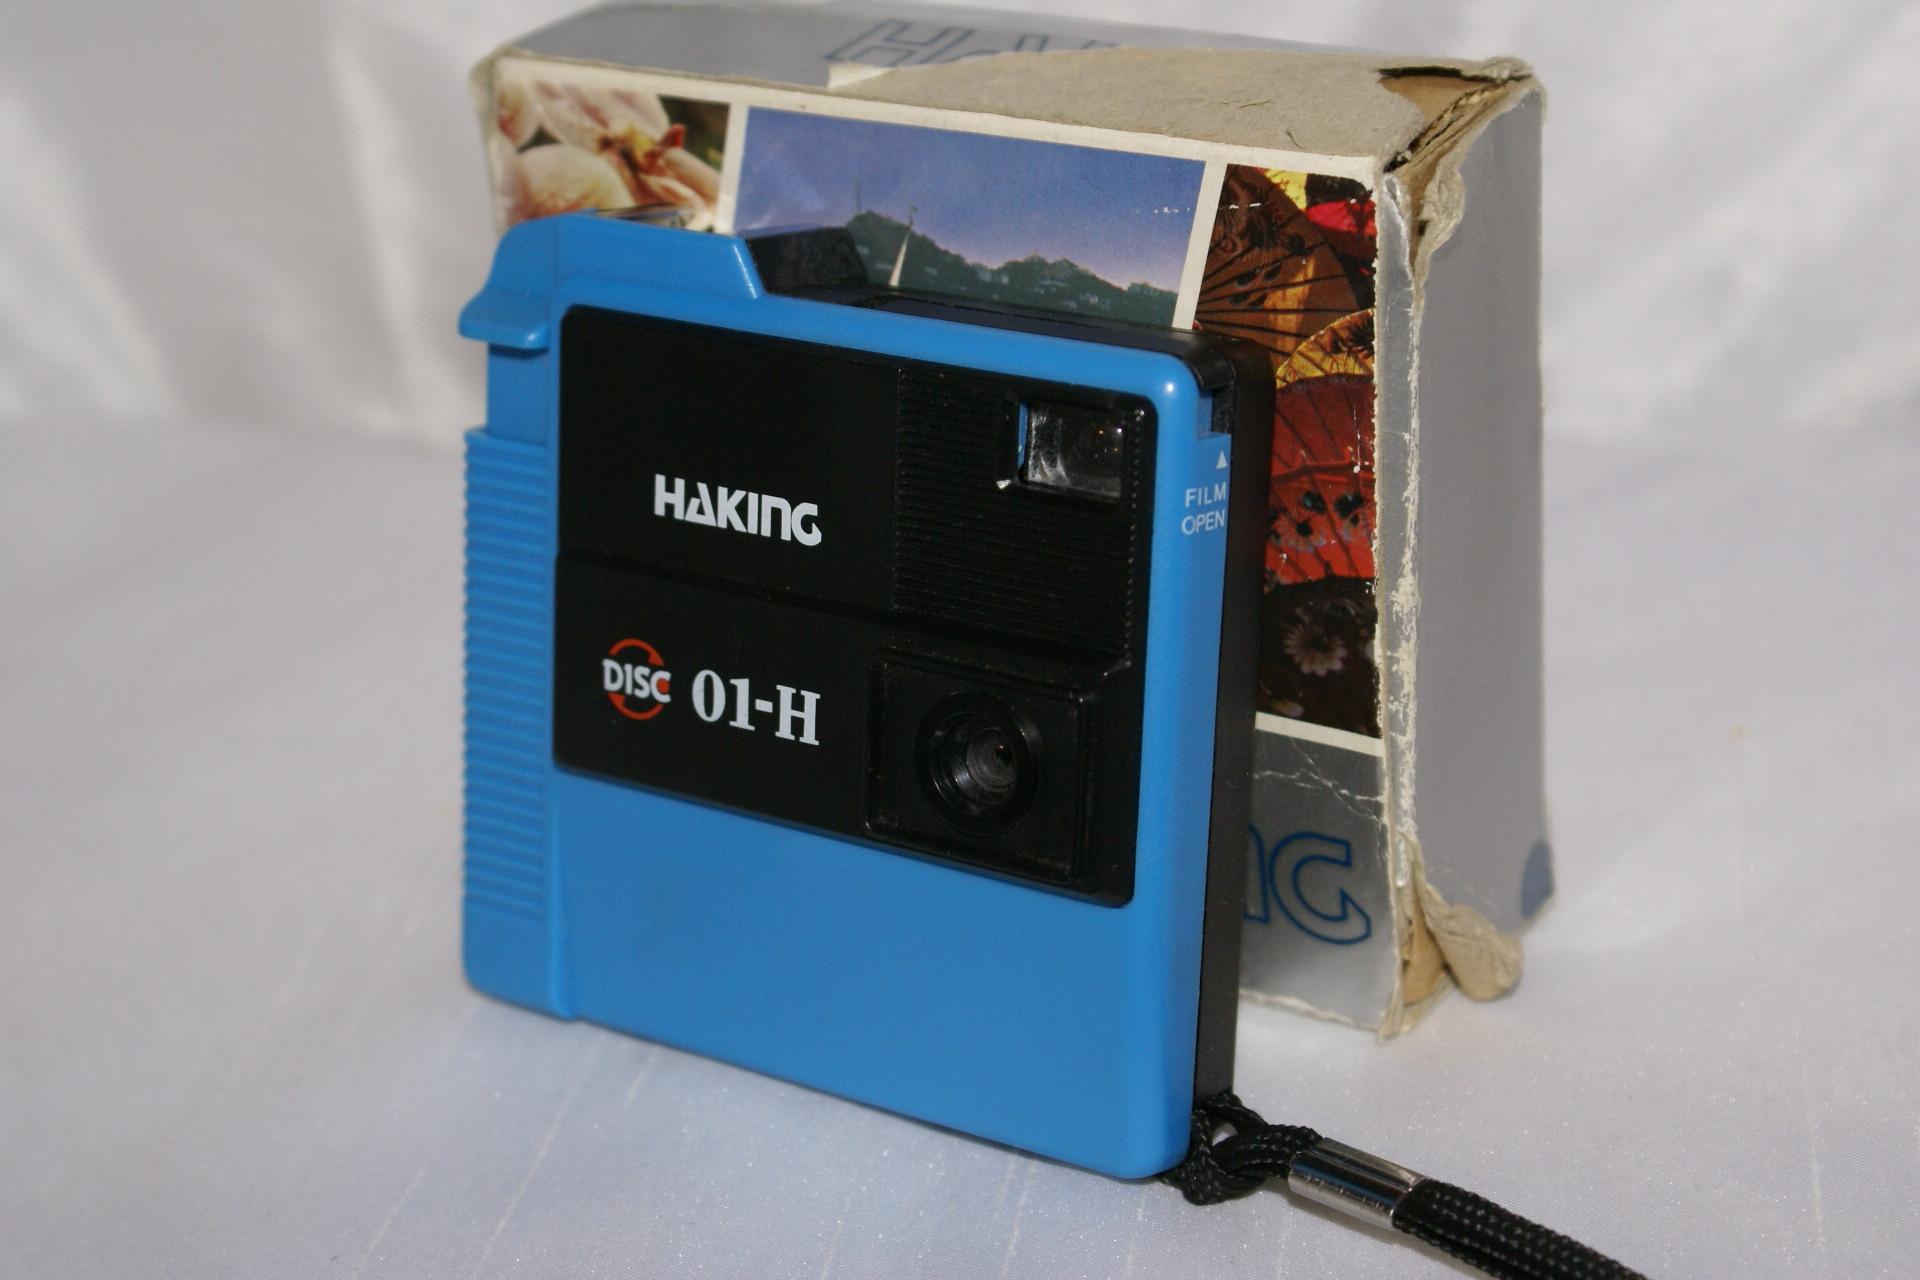 HAKING DISC